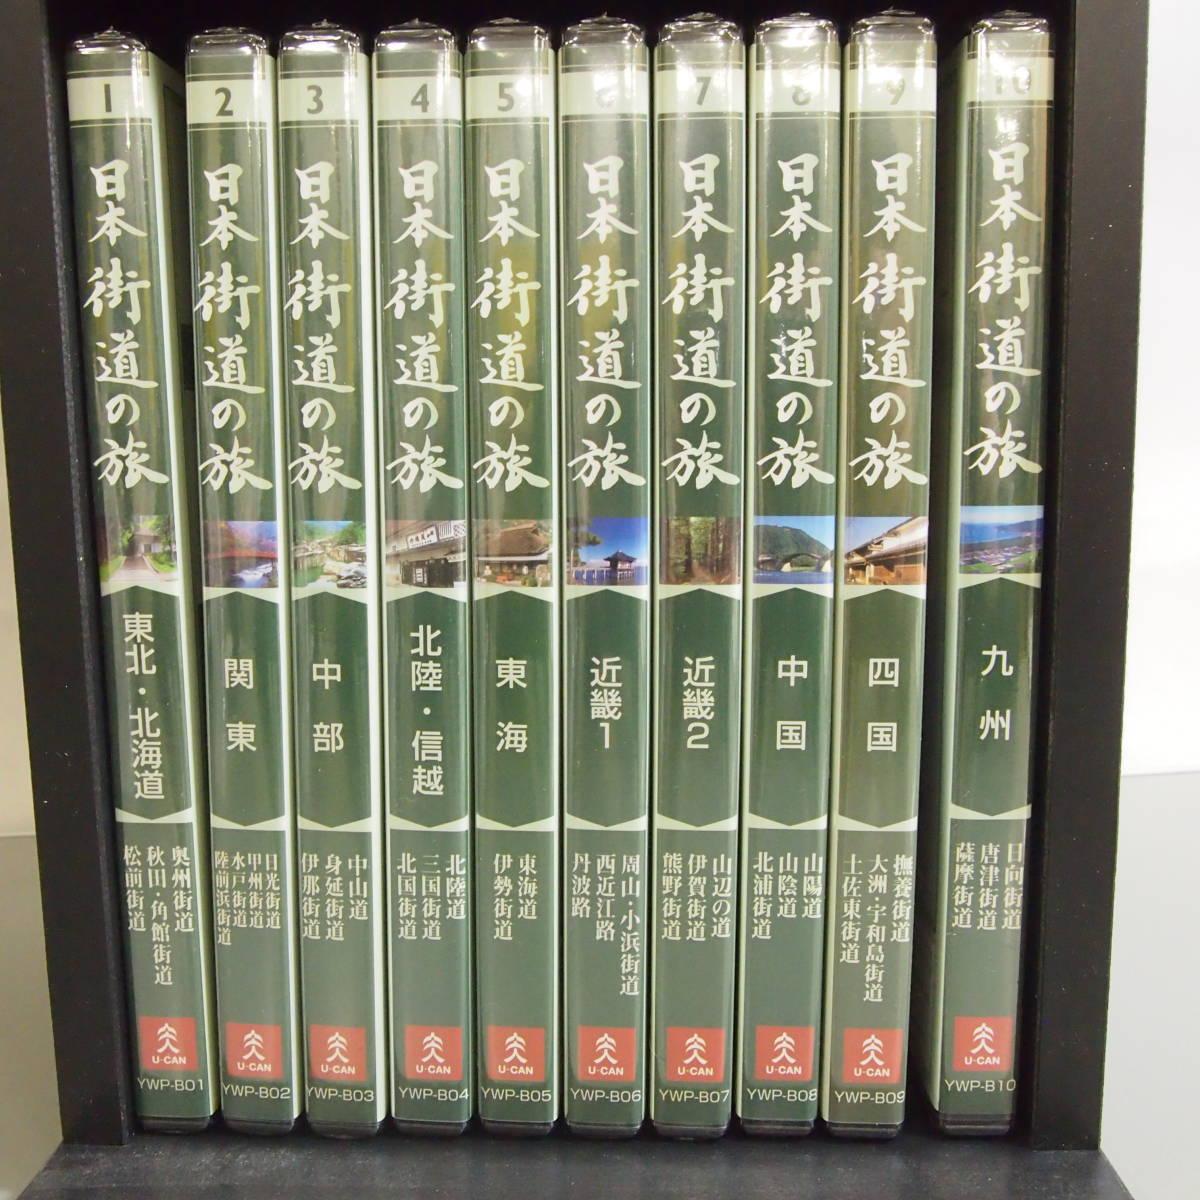 ユーキャン 日本 街道の旅 DVD 10巻セット 木製ケース付き 未開封品_画像2